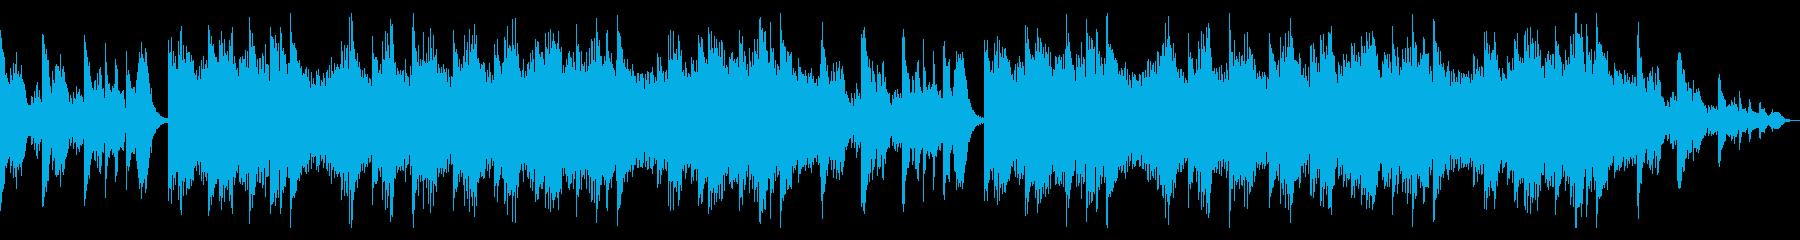 幻想的なオルゴールが印象的な癒し系BGMの再生済みの波形